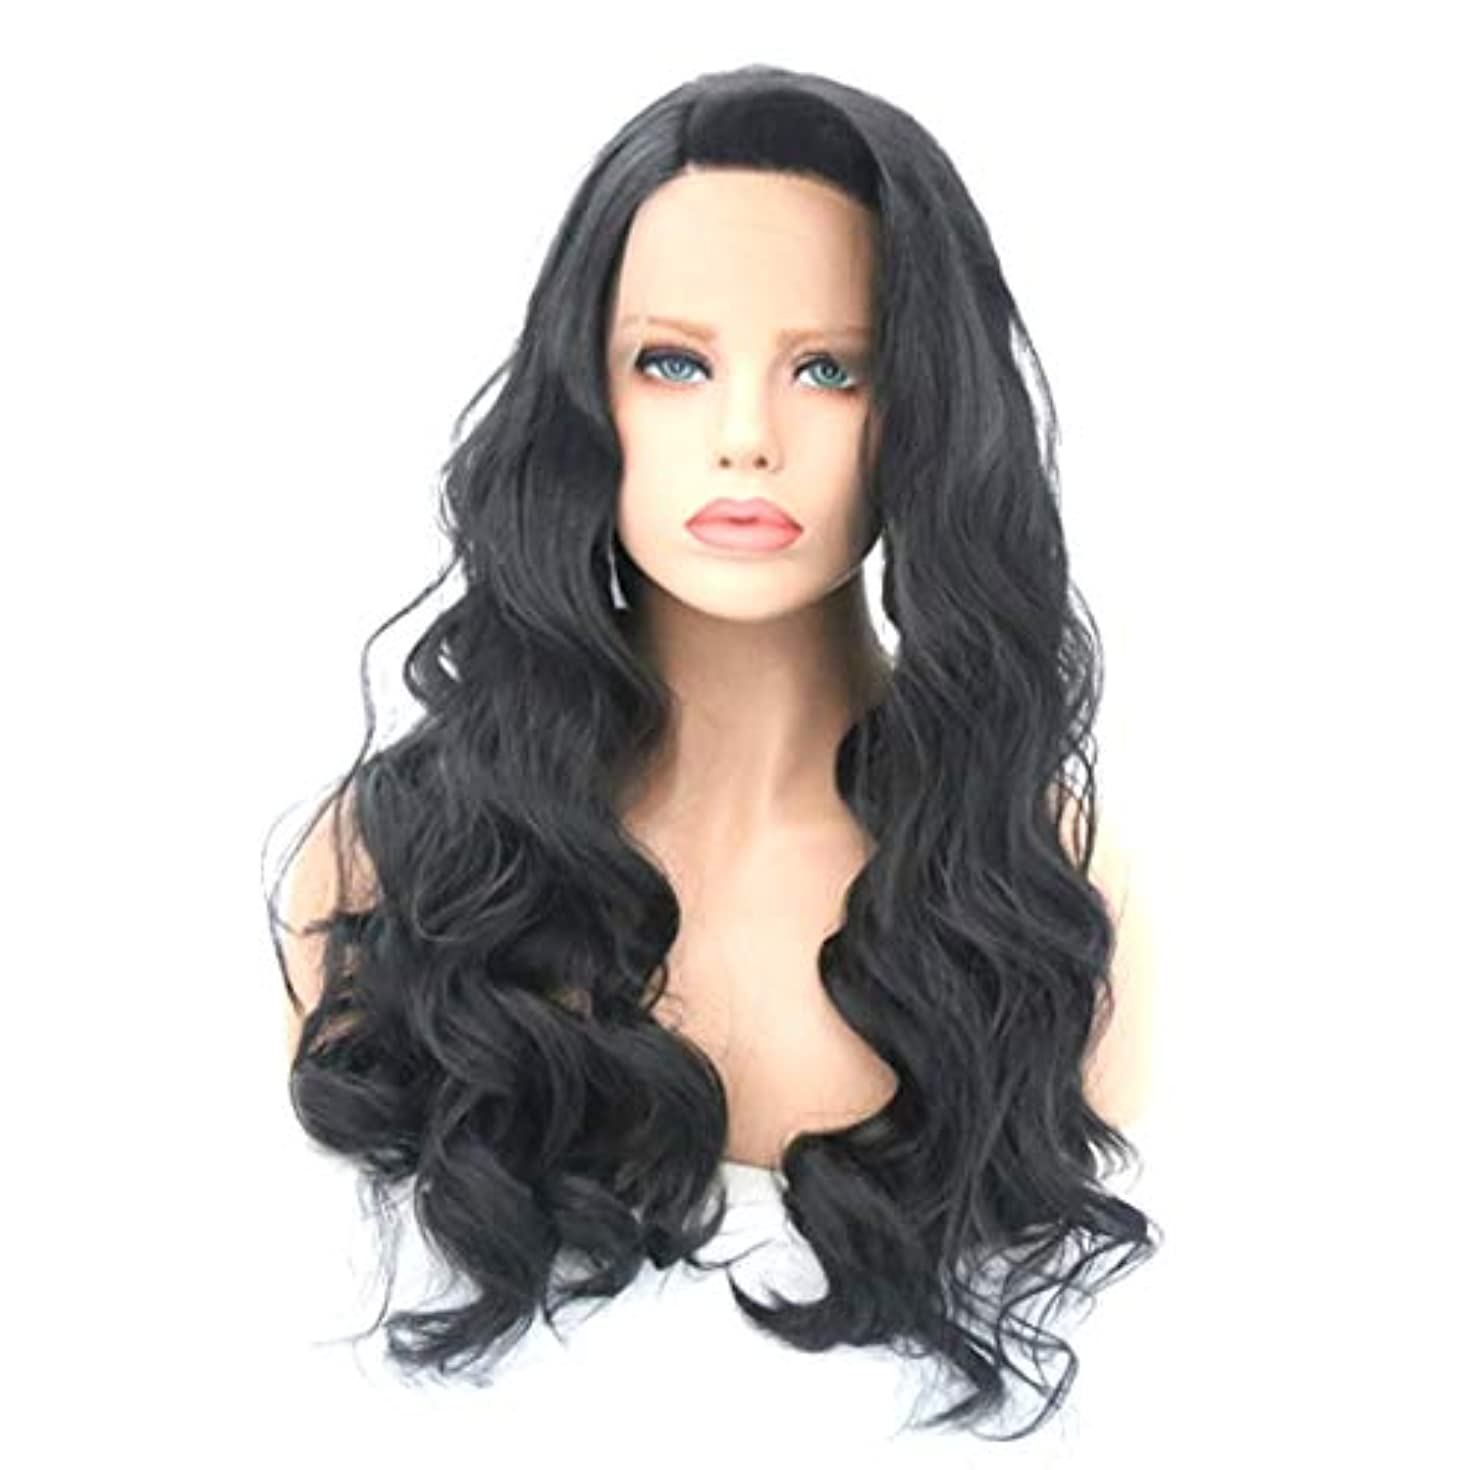 確立します荒廃する今までSummerys かつら女性のための大きな波状の巻き毛の耐熱性長い巻き毛のかつら (Size : 20 inches)